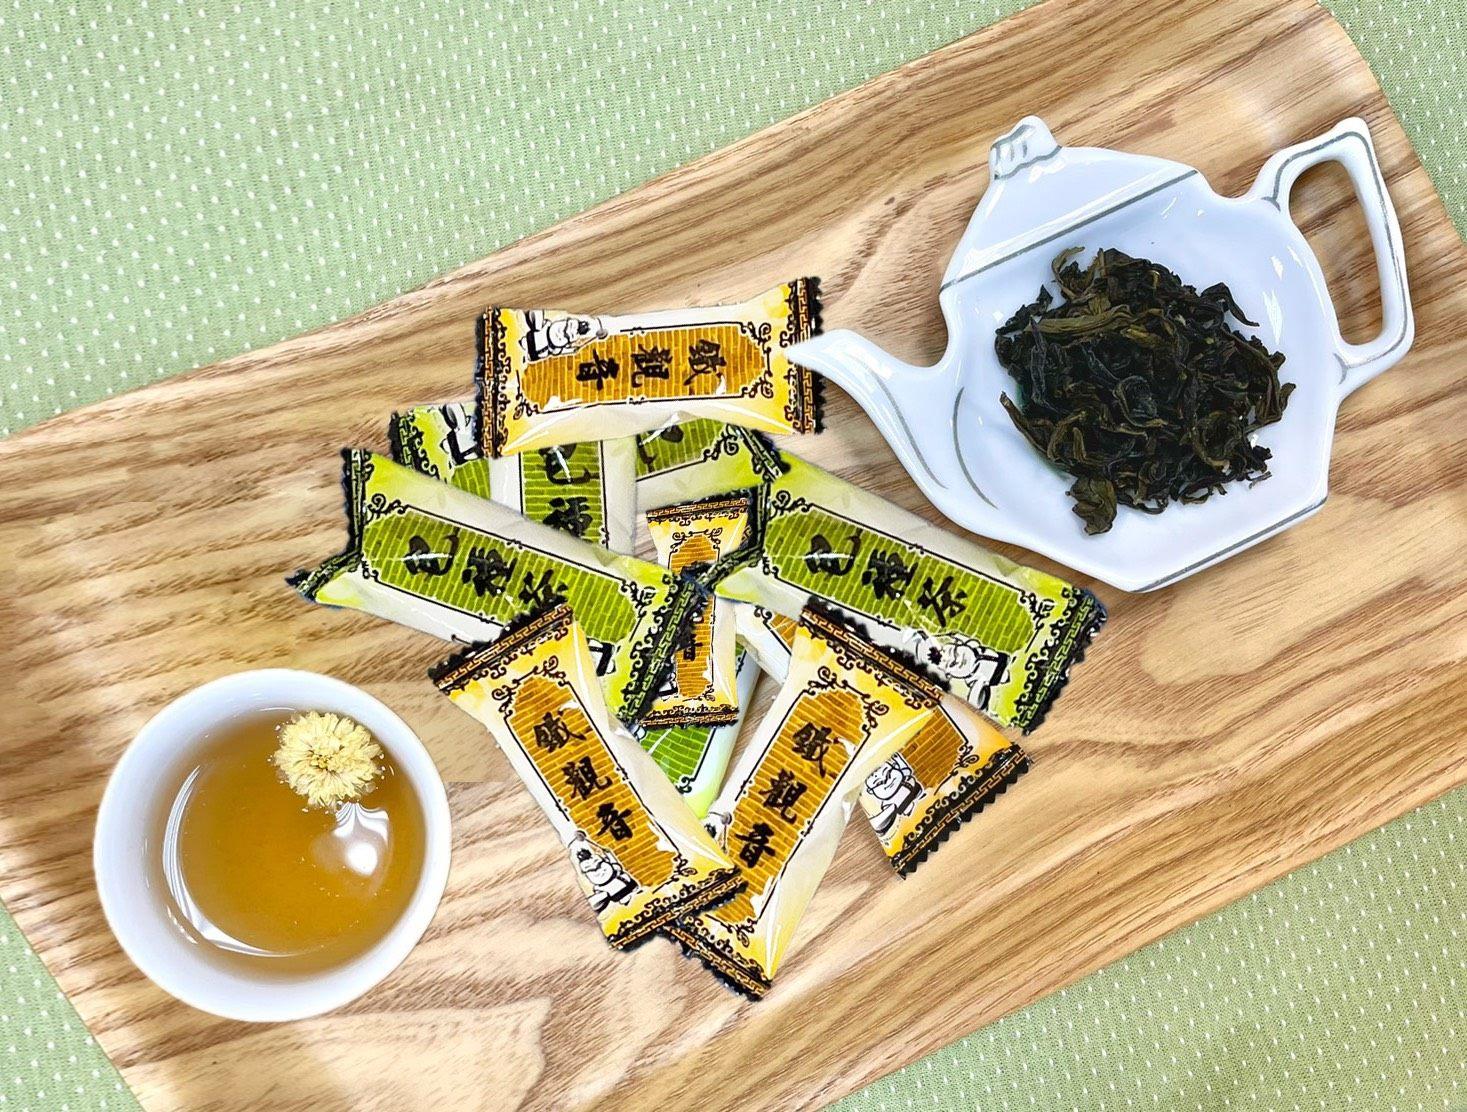 來臺北旅遊必買伴手禮之一的特色茶葉牛軋糖,下單後也能馬上品嚐到